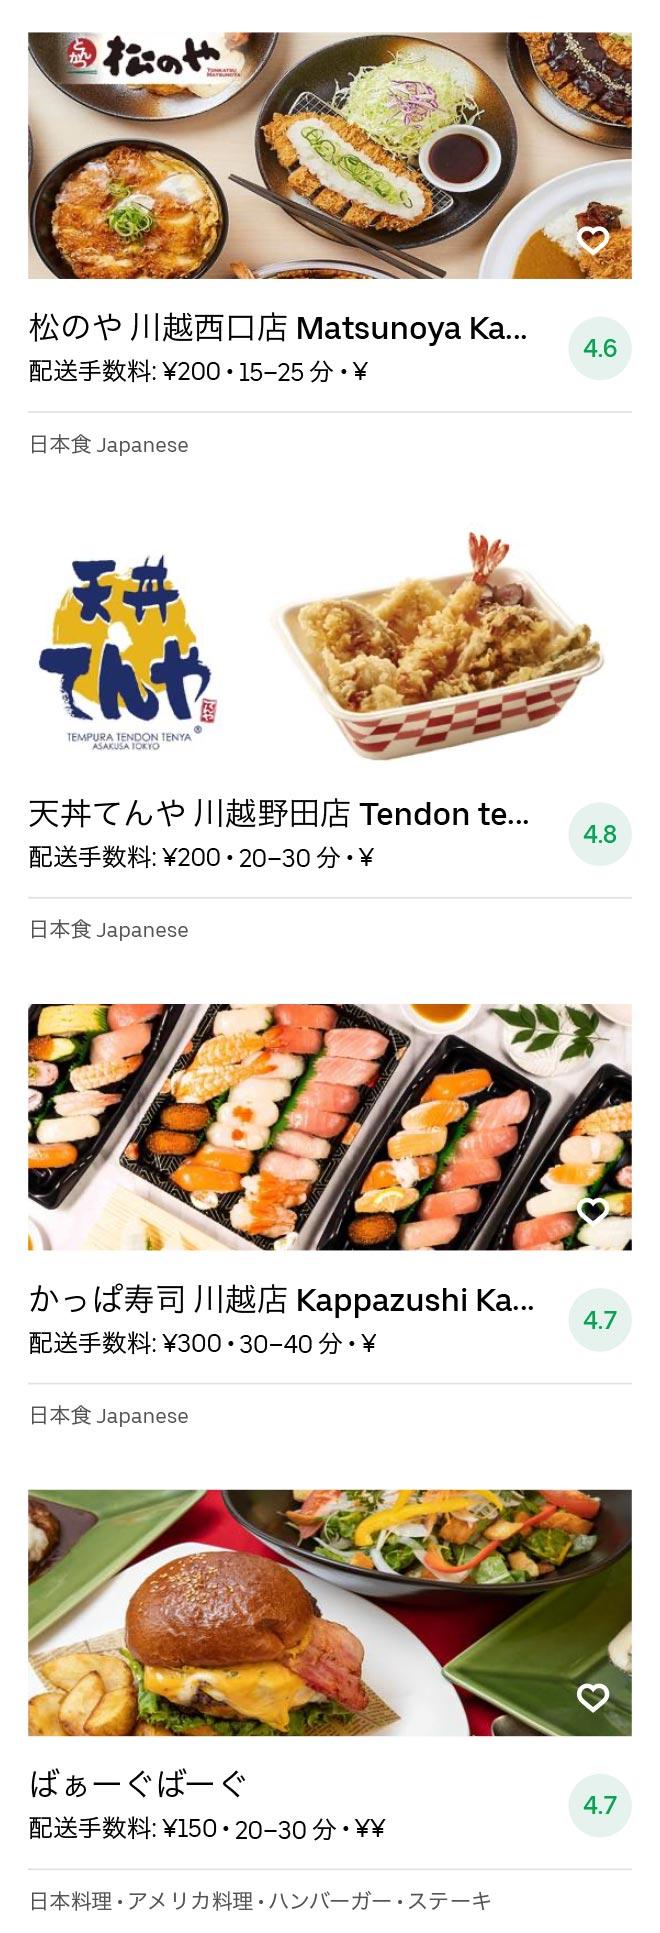 Kawagoeshi menu 2008 10